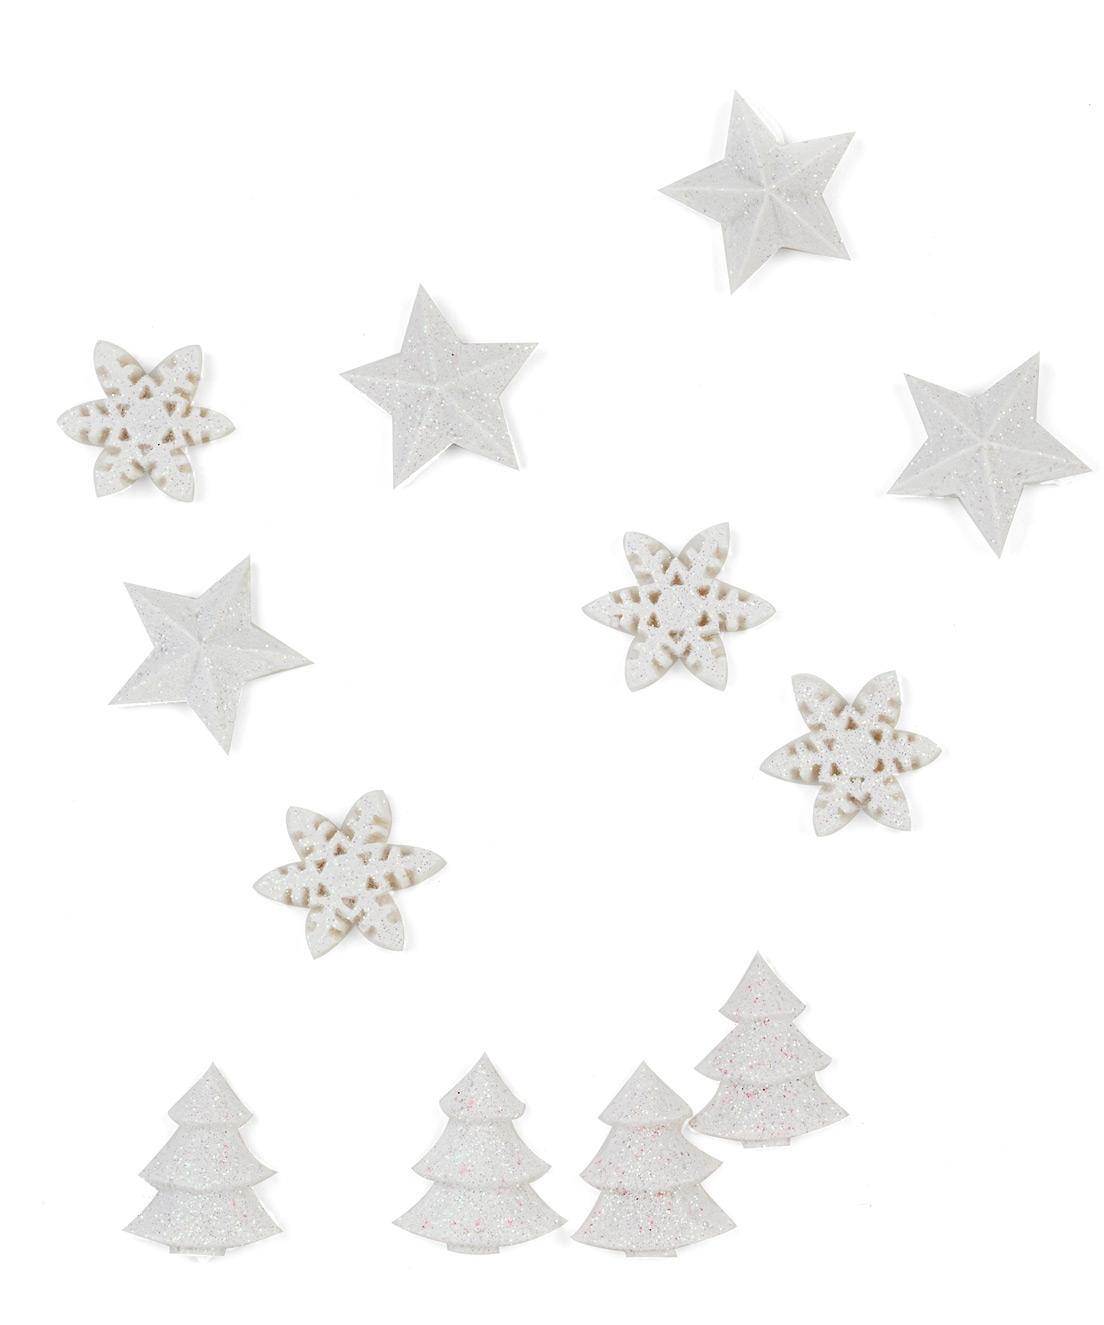 #886543 12 Décorations De Table Blanches Noël 2.5 Cm Achat De  5443 décorations de noel grossiste 1104x1325 px @ aertt.com